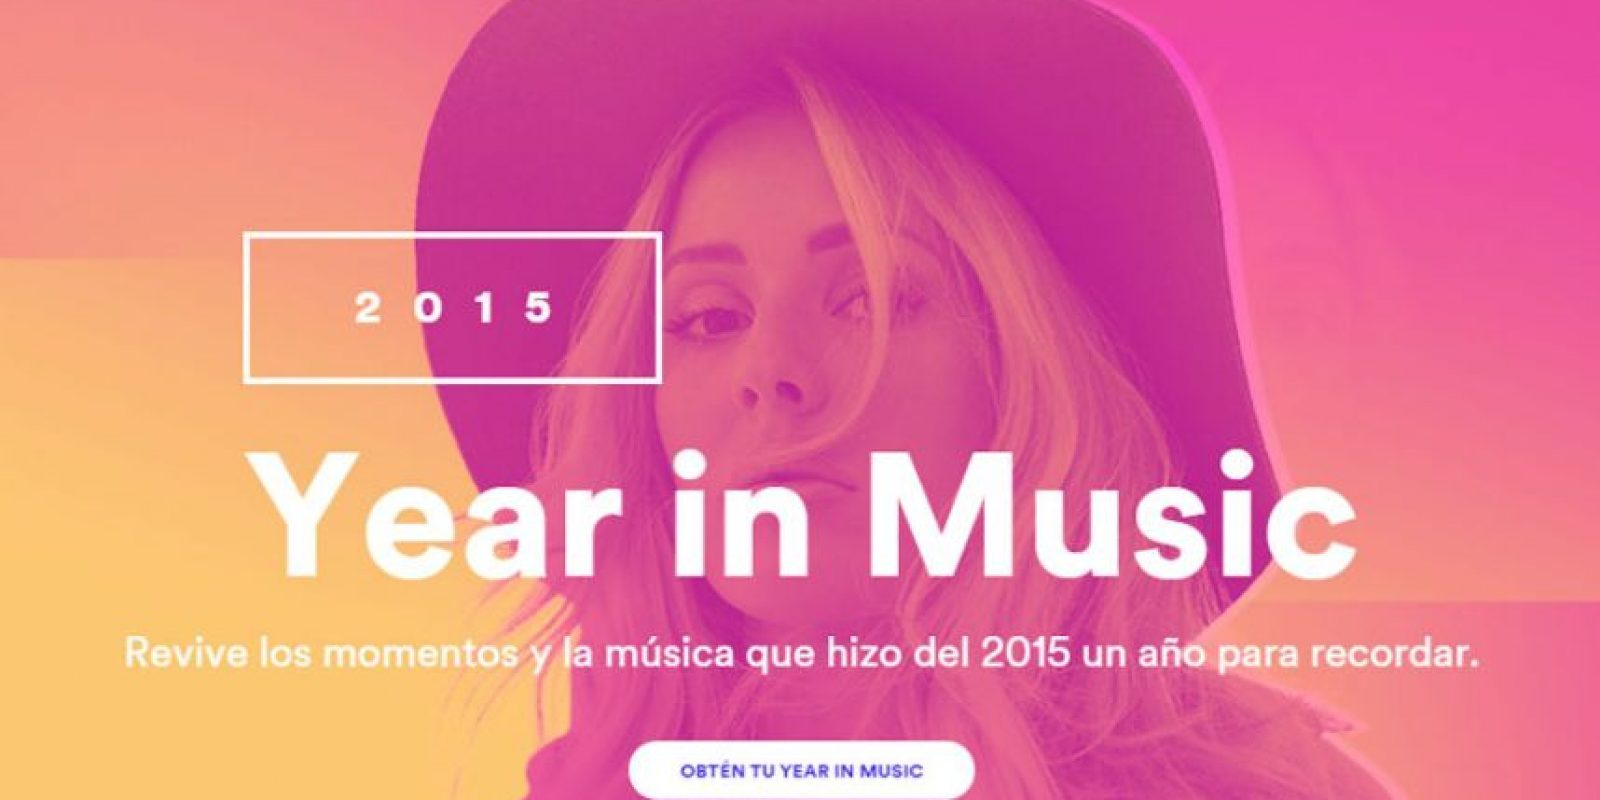 """""""Year In Music"""" les dice todo lo que hicieron en Spotify durante el año. Foto:Spotify"""